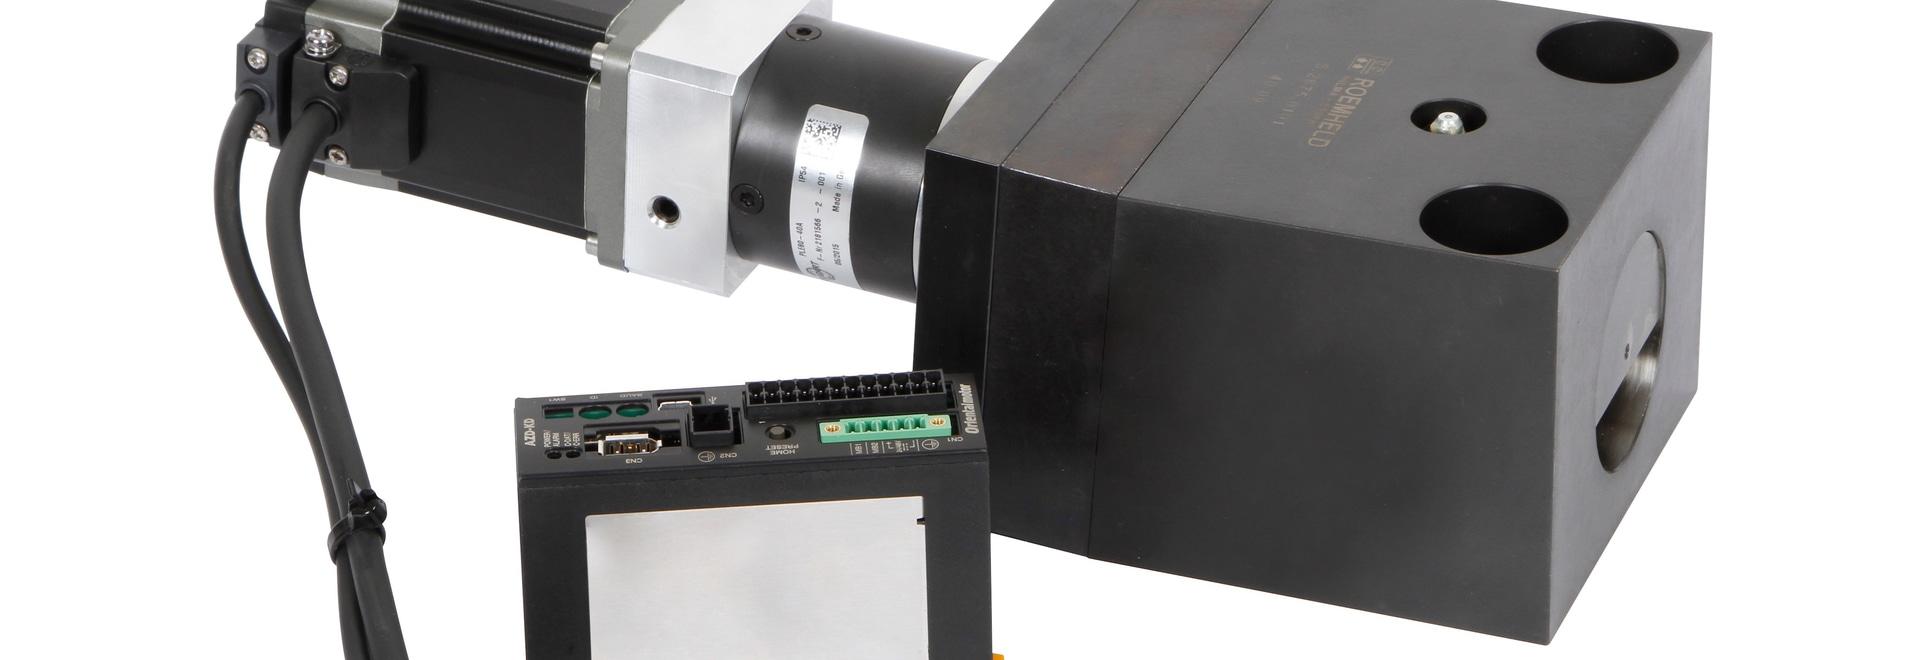 ROEMHELD : Nouvelles brides de cale pour des tables de glissement, machines de moulage par injection et presses programmables et électromécaniques